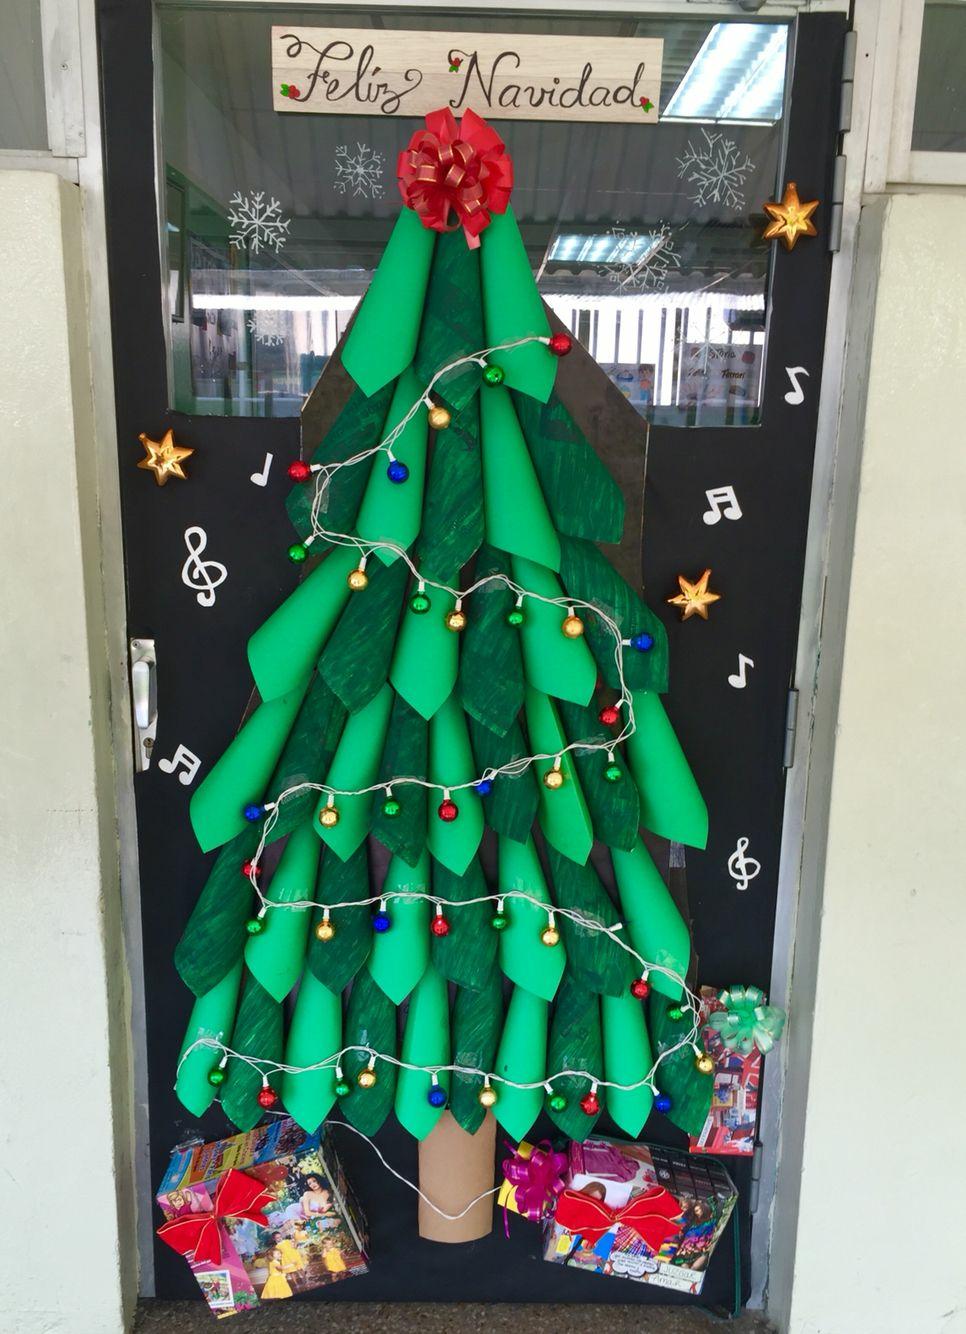 Diy Budget Christmas Decor Tips Xmascraftsdiy Door Decorations Classroom Christmas Christmas Classroom Christmas Decor Diy